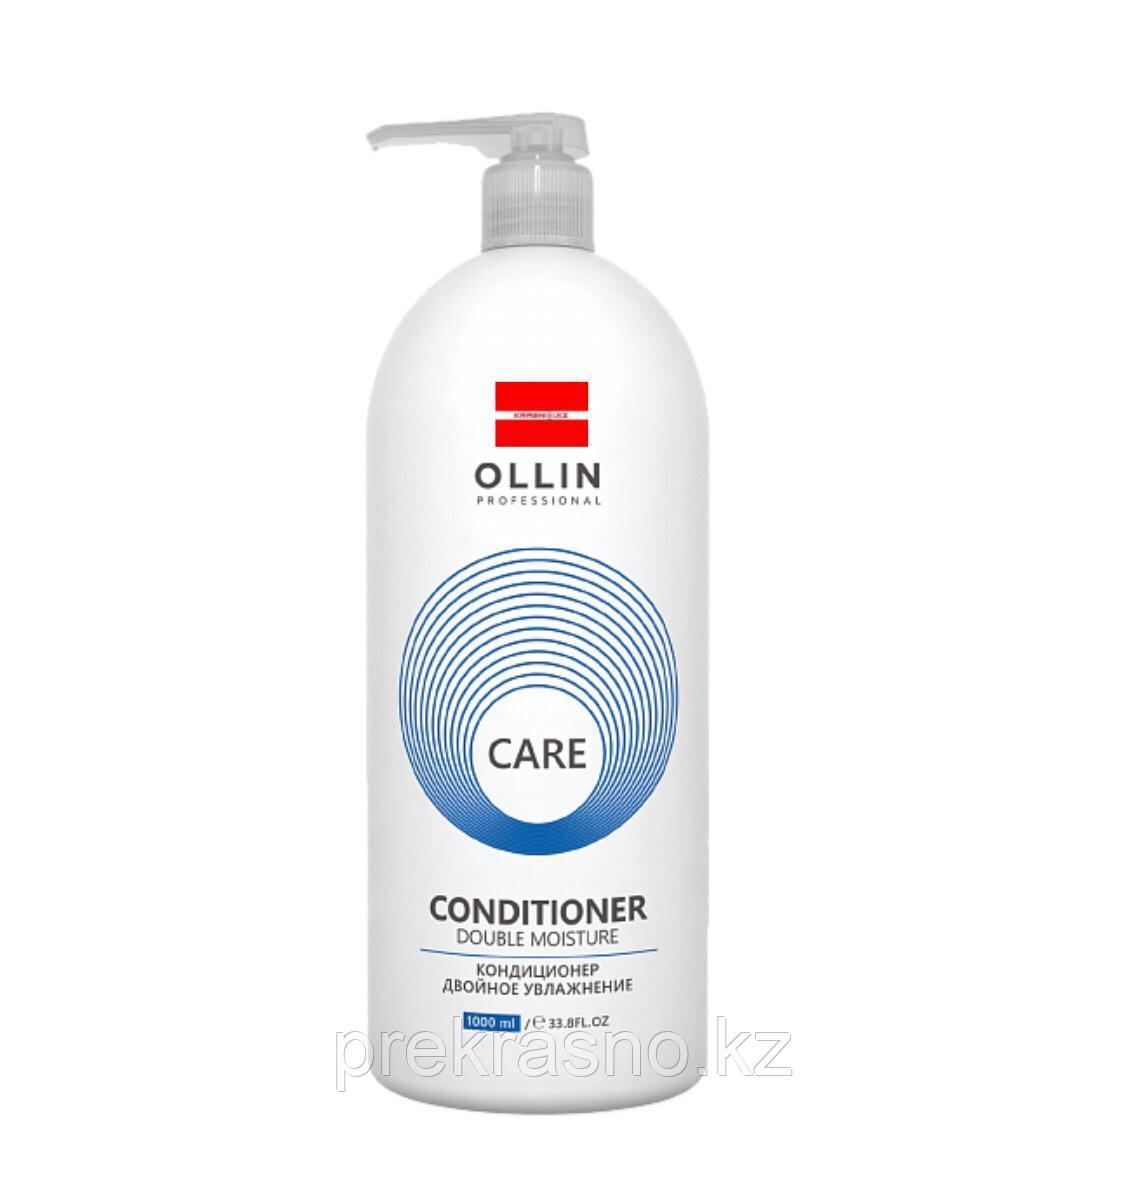 Кондиционер 1л двойное увлажнение Ollin Care